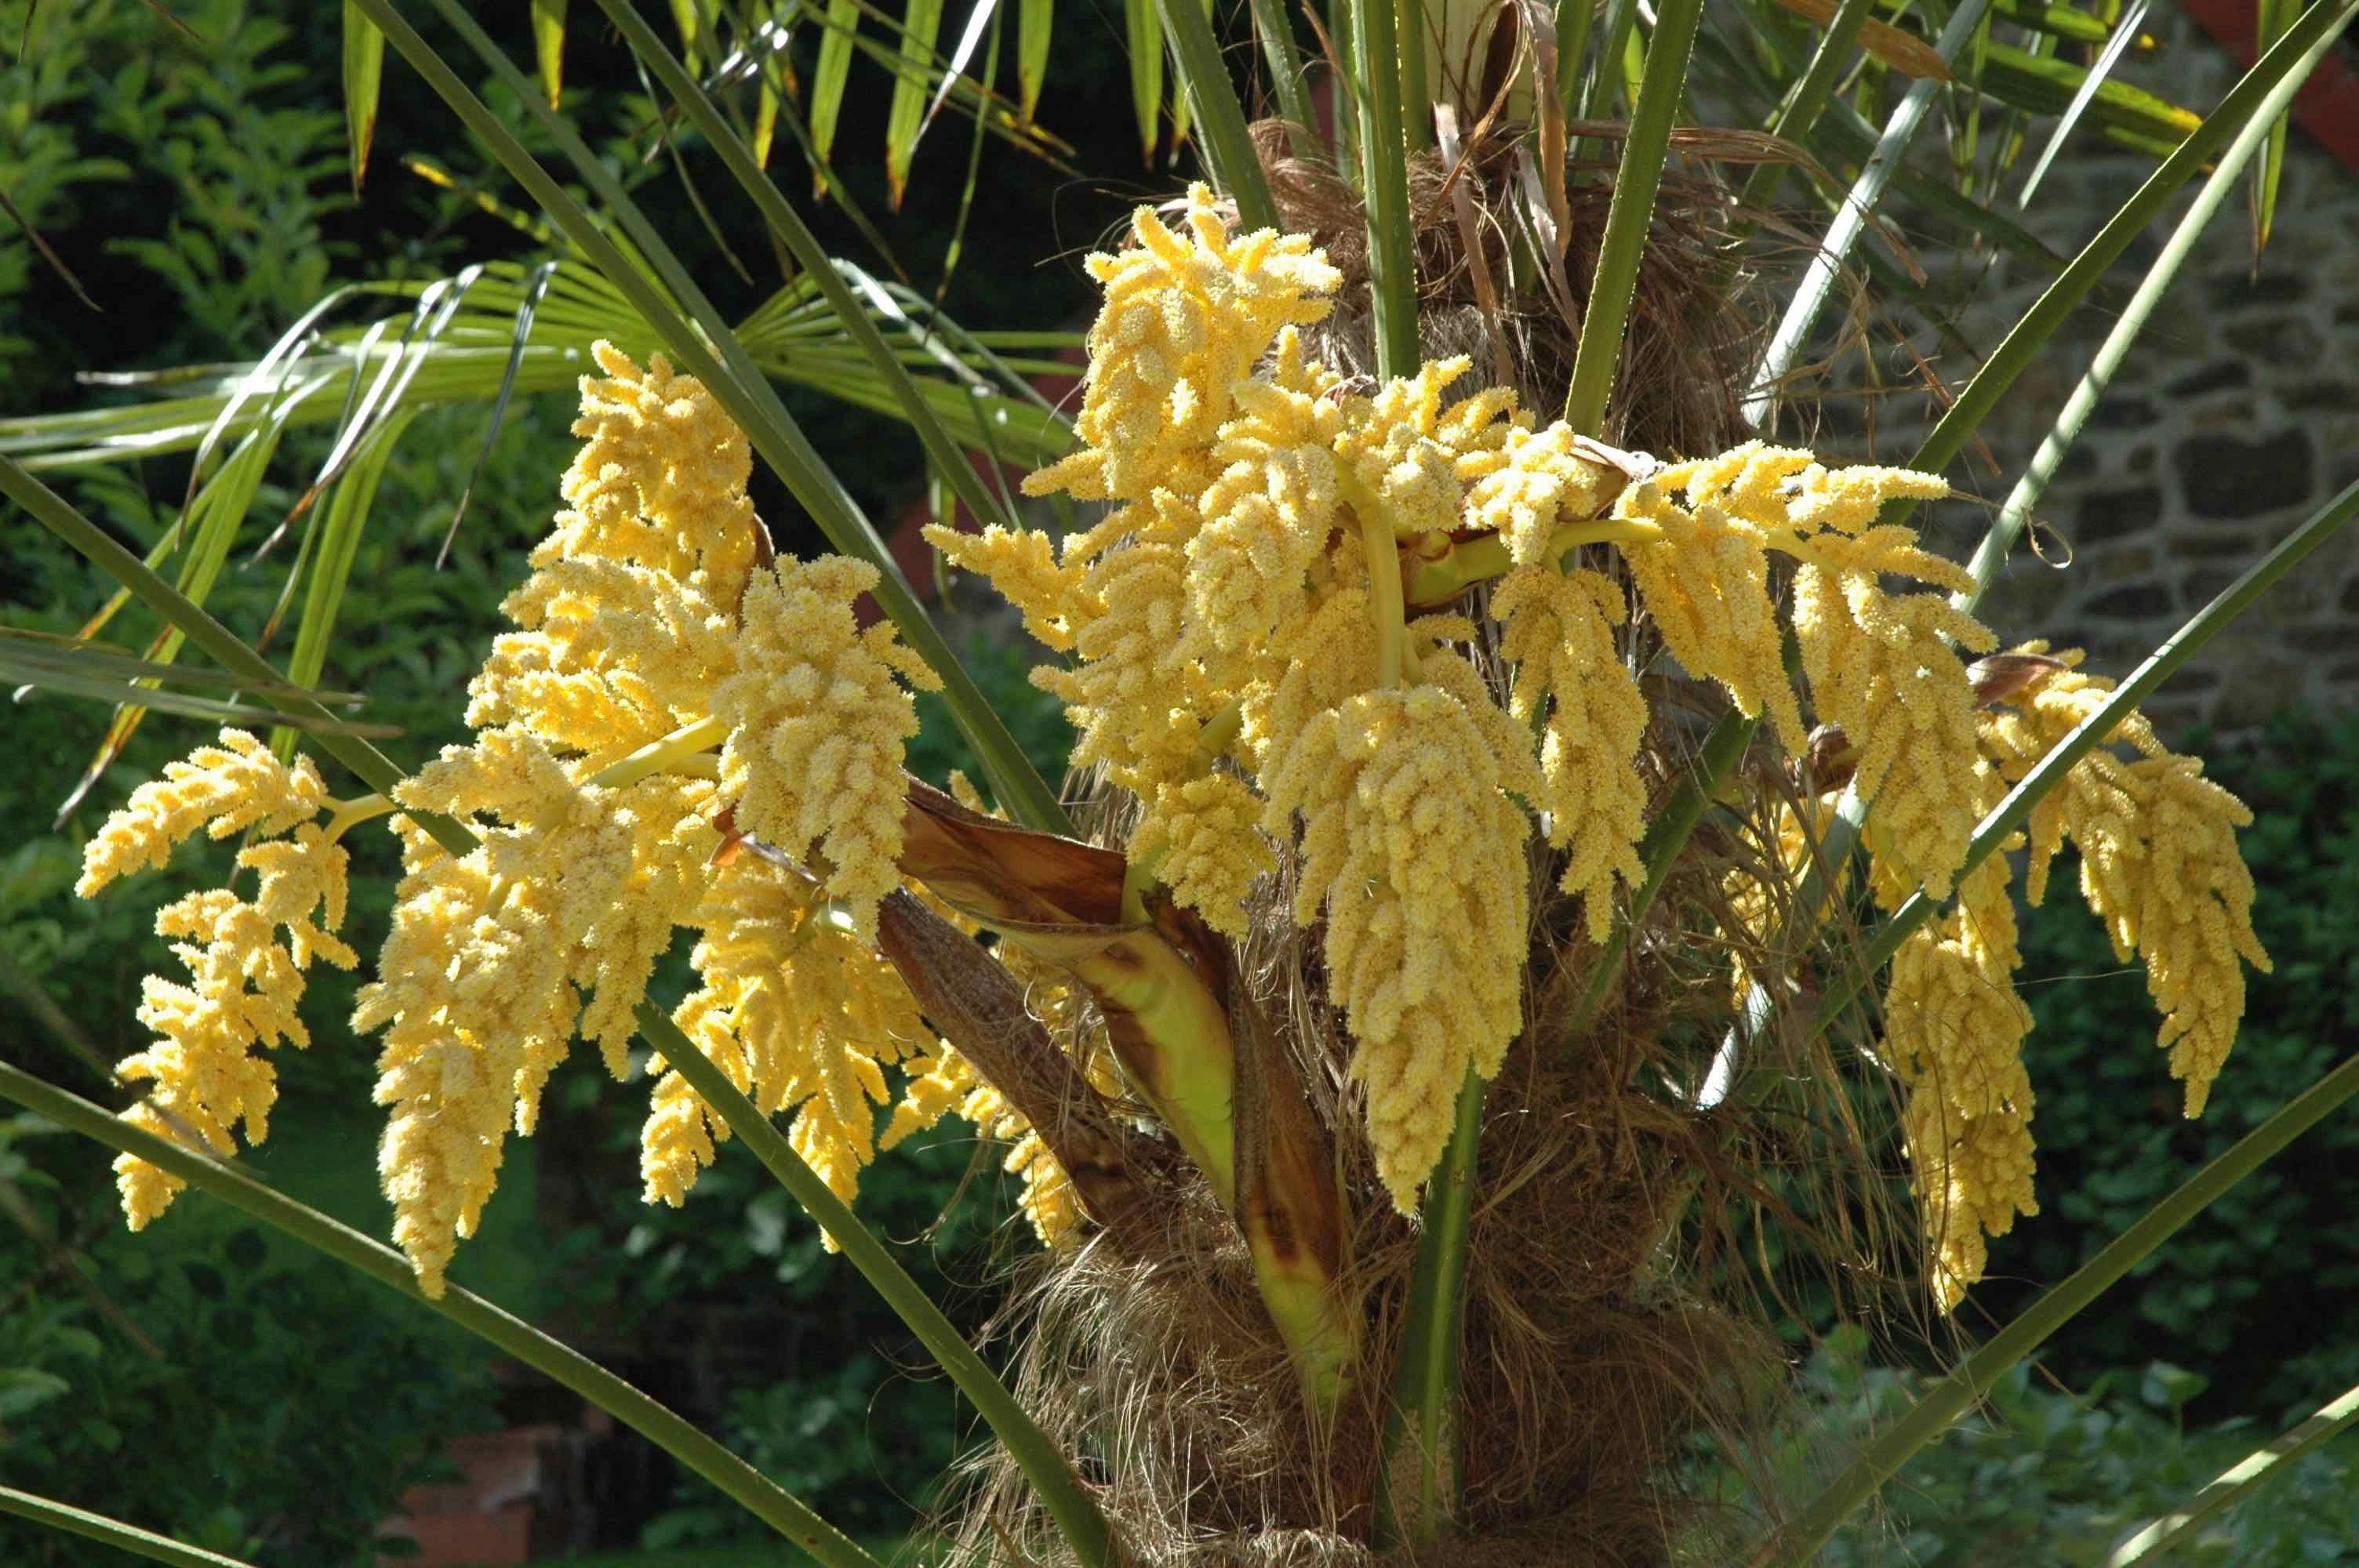 fleurs de palmier moulin de beltaine notre jardin pinterest fleur de palmier palmiers. Black Bedroom Furniture Sets. Home Design Ideas